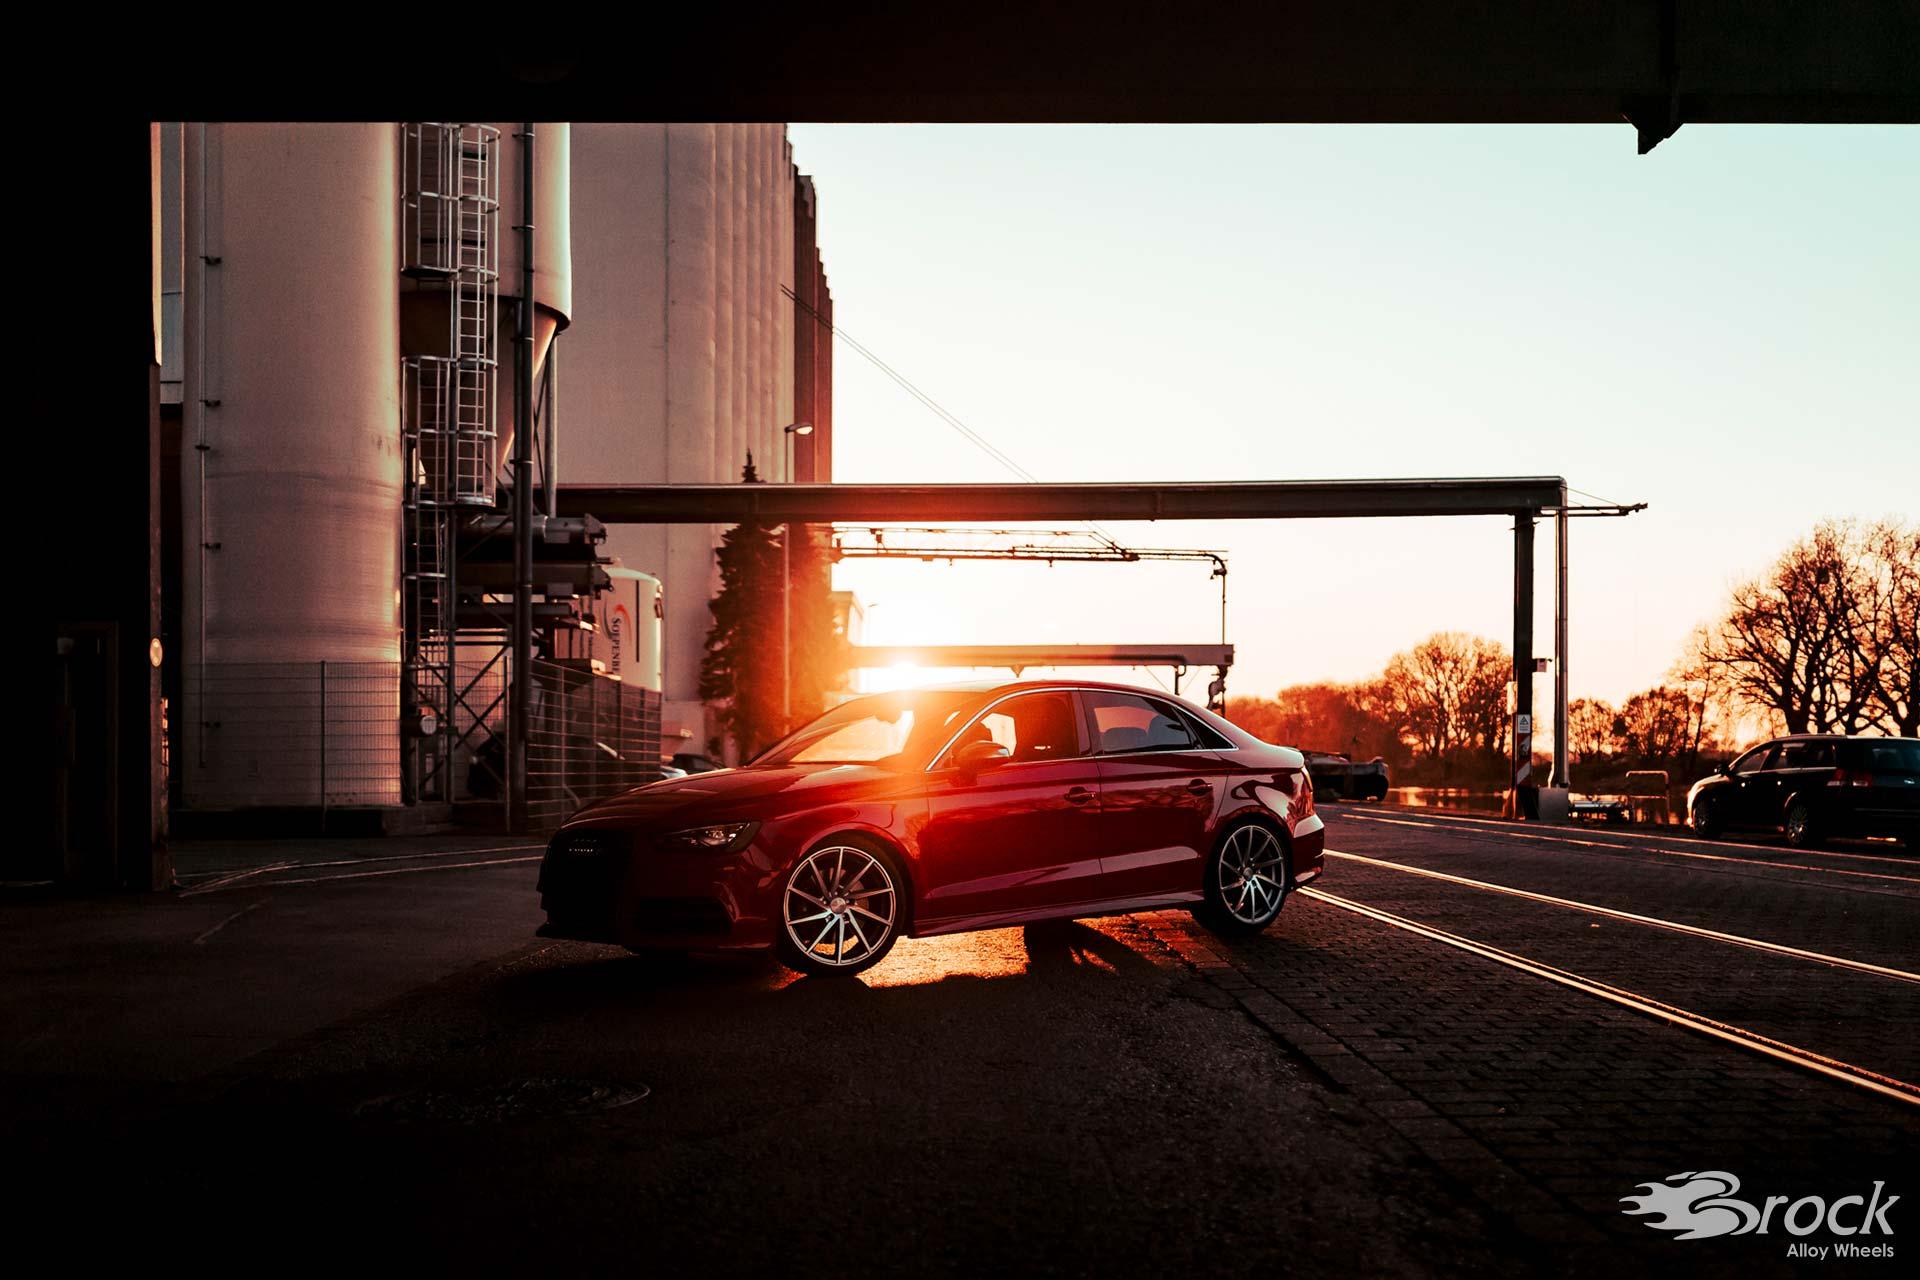 Audi S3 Brock B37 KSVP